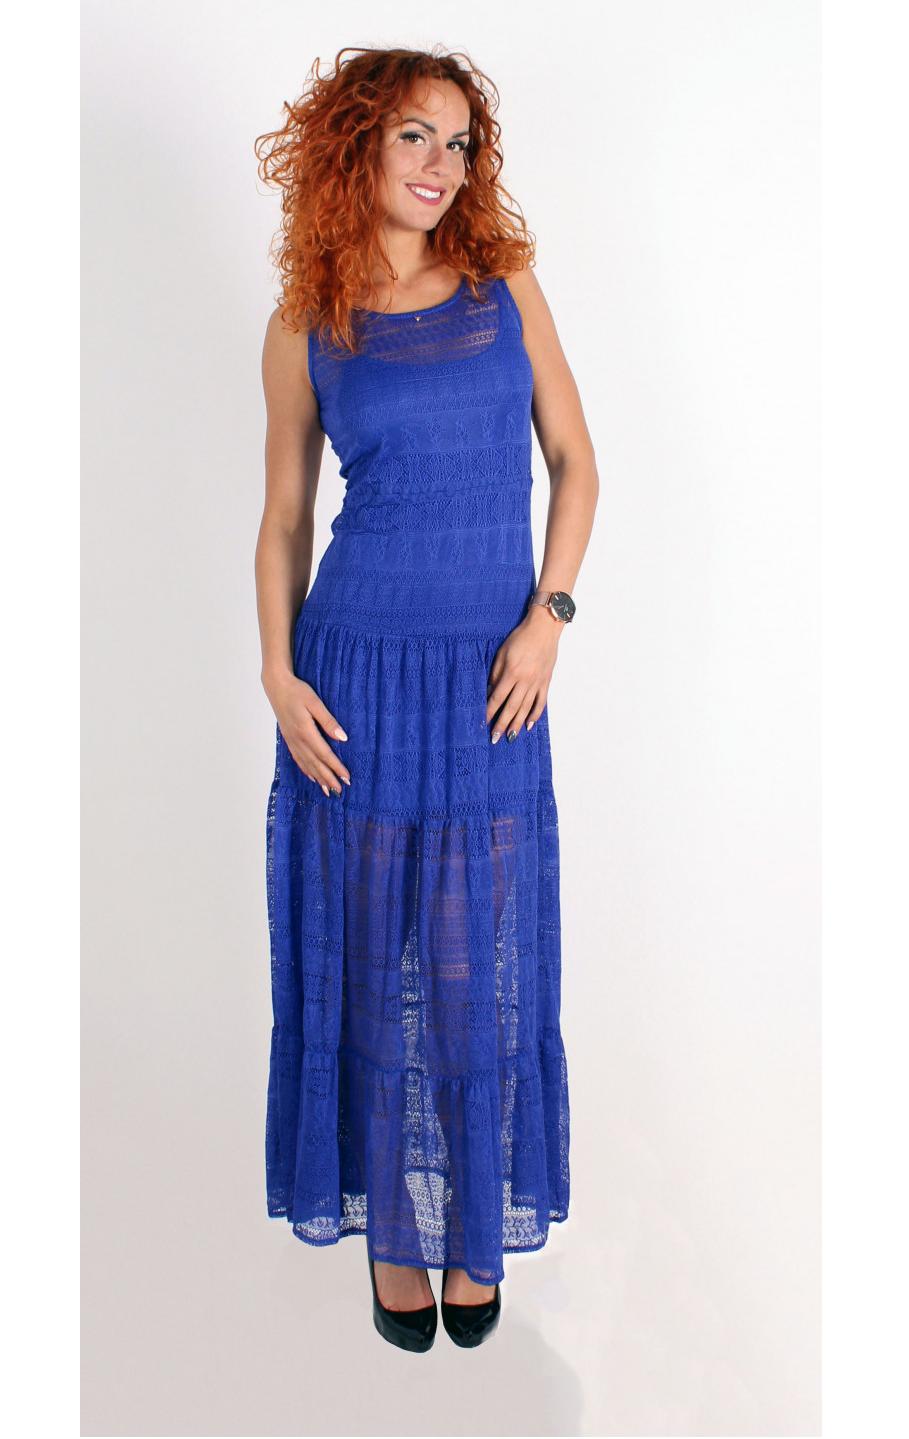 d822d420a4a0 Guess Guess by MARCIANO modré šaty dlouhé